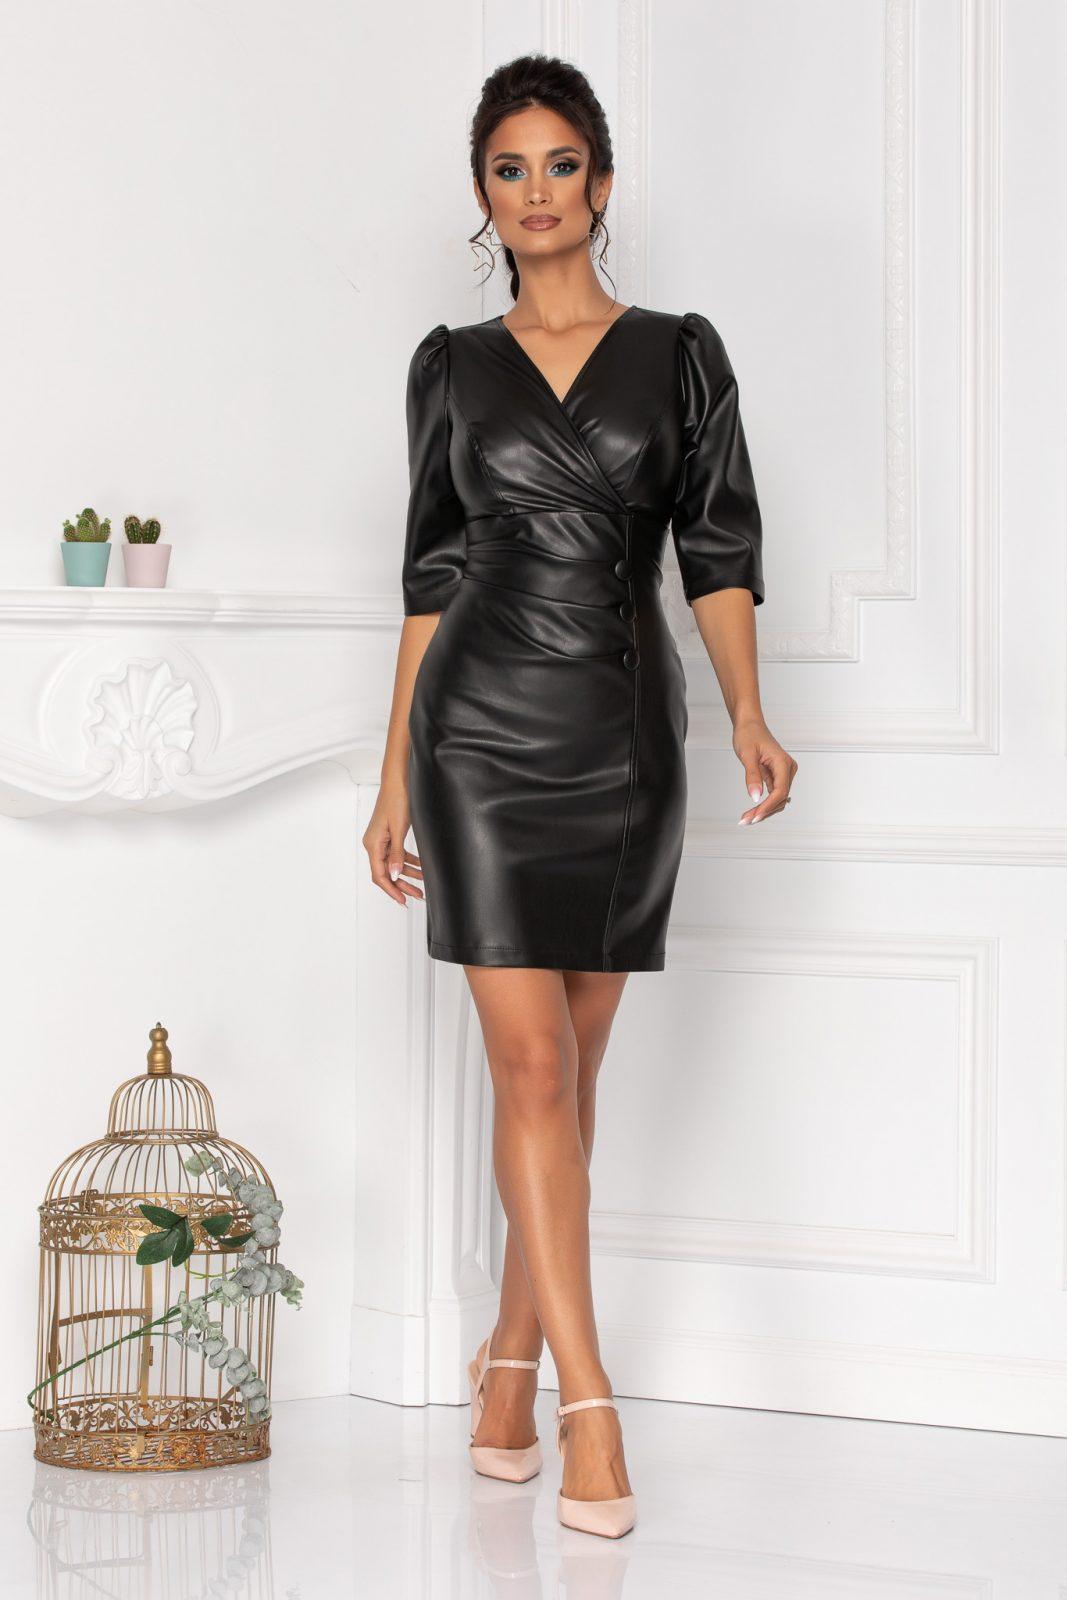 Μαύρο Φόρεμα Από Δερματίνη Willow 8454